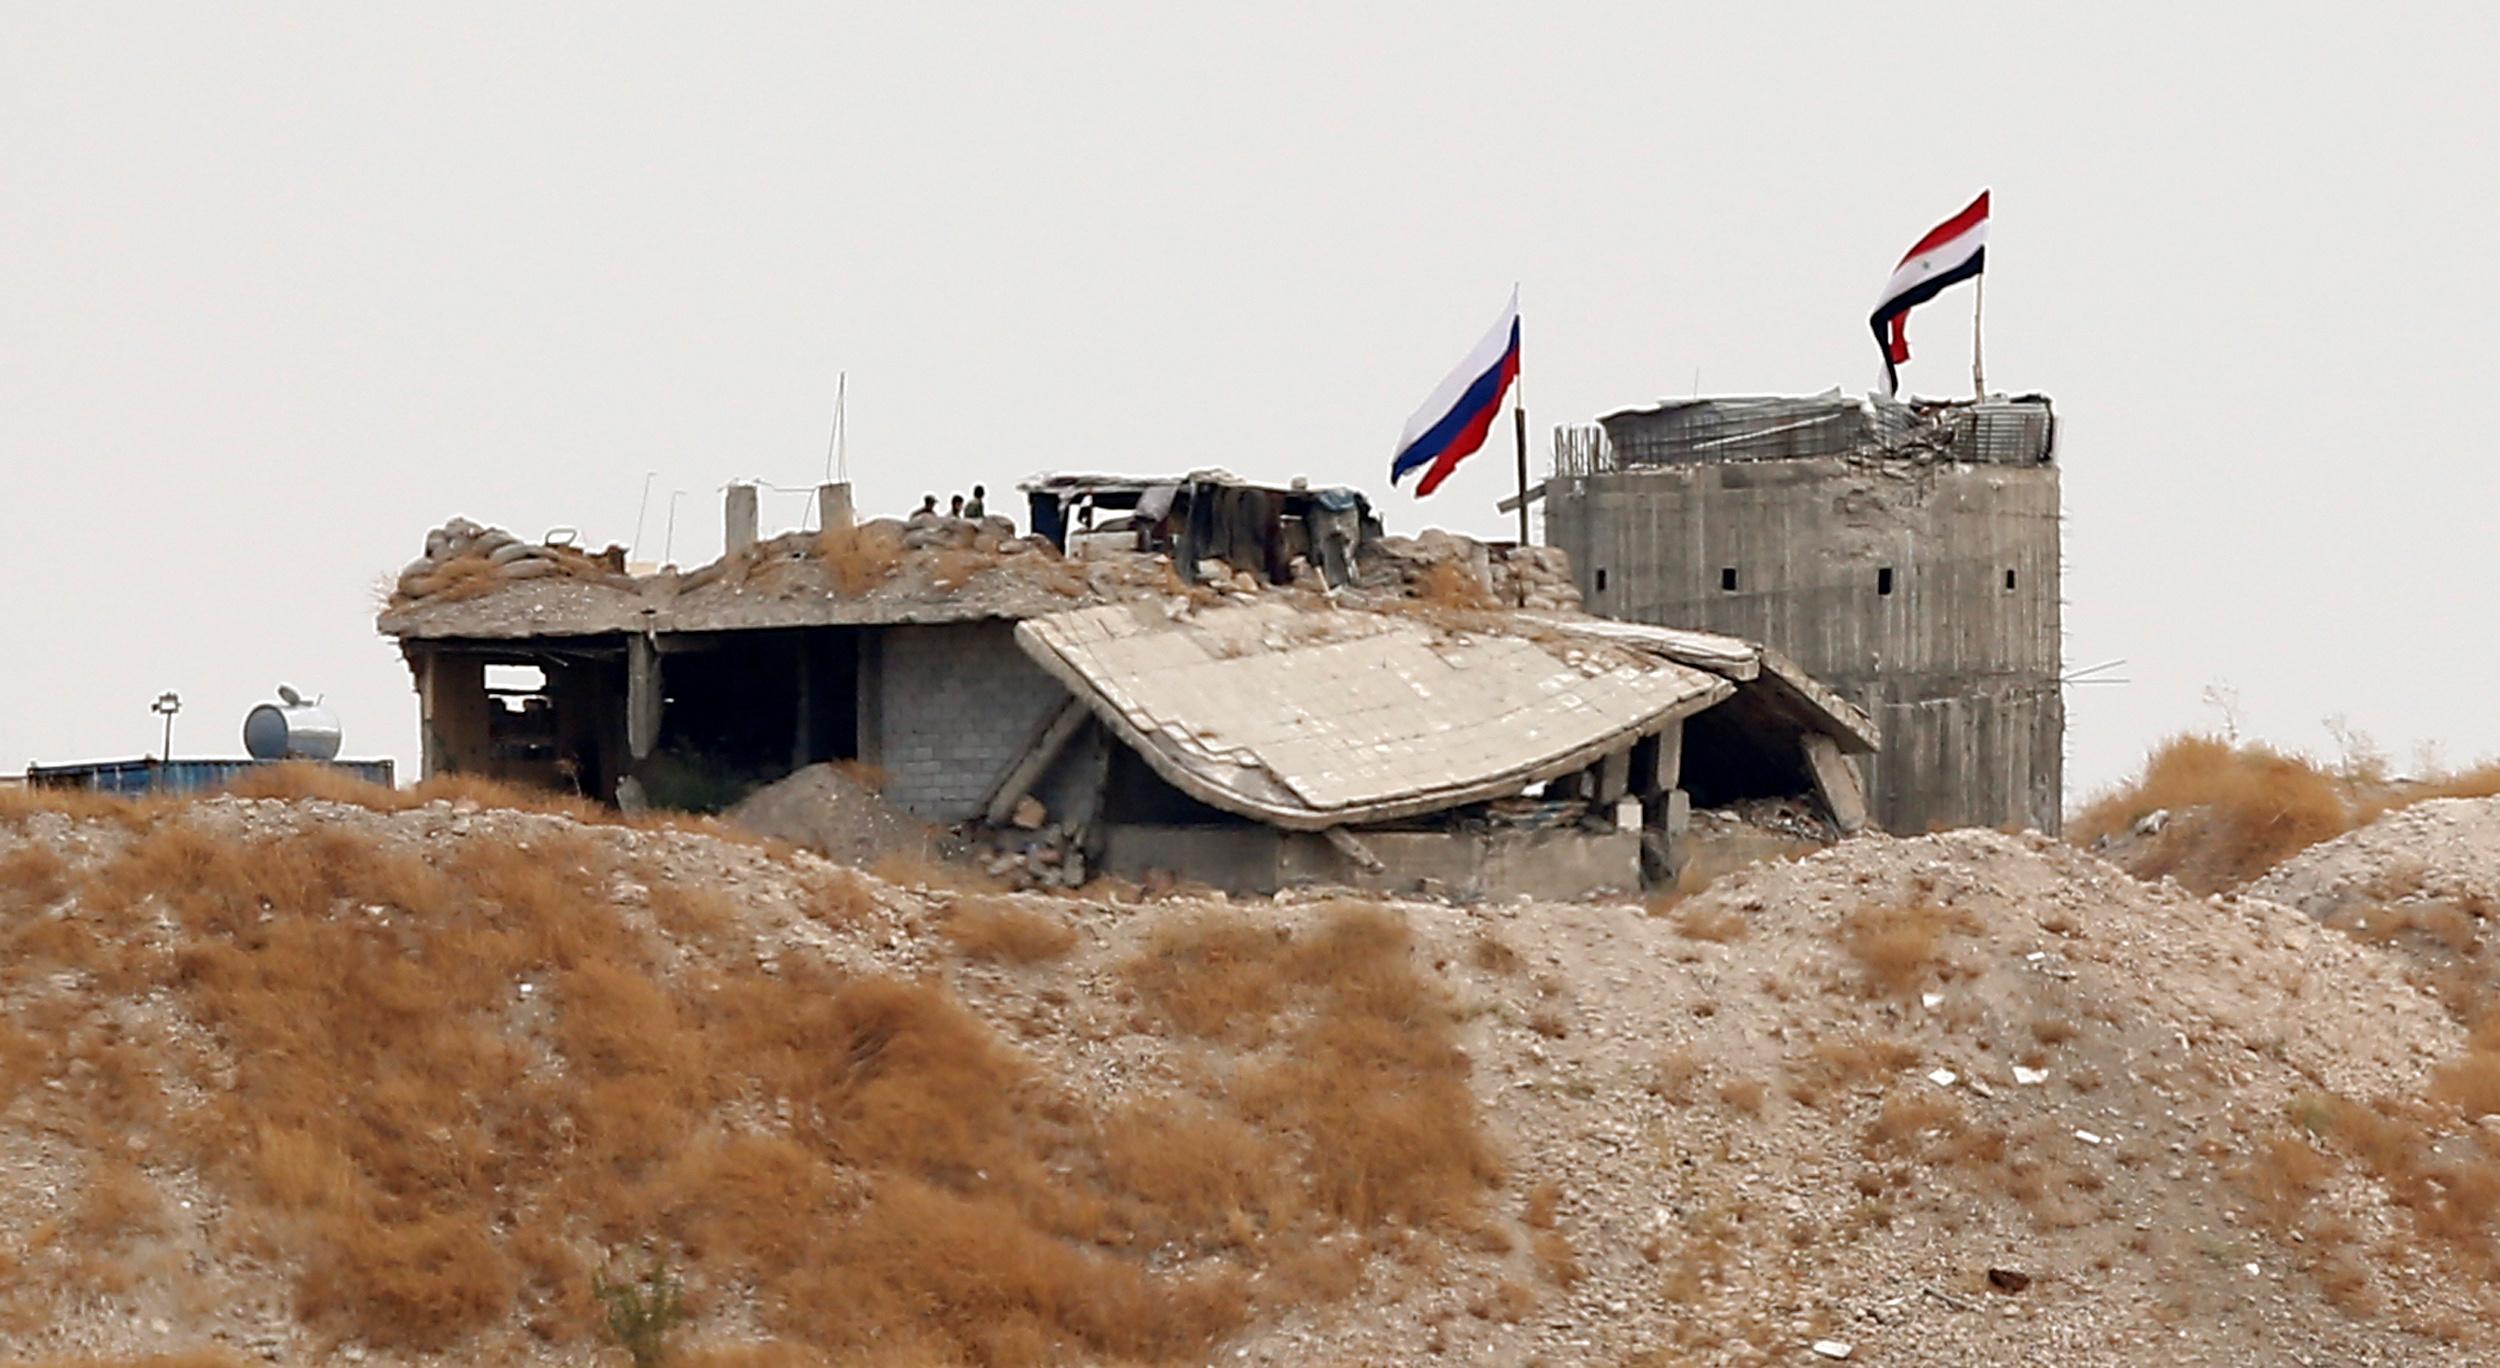 Στο Κομπανί έφτασε η ρωσική στρατονομία - Ξεκινούν άμεσα περιπολίες και θα επιτηρούν την αποχώρηση των Κούρδων